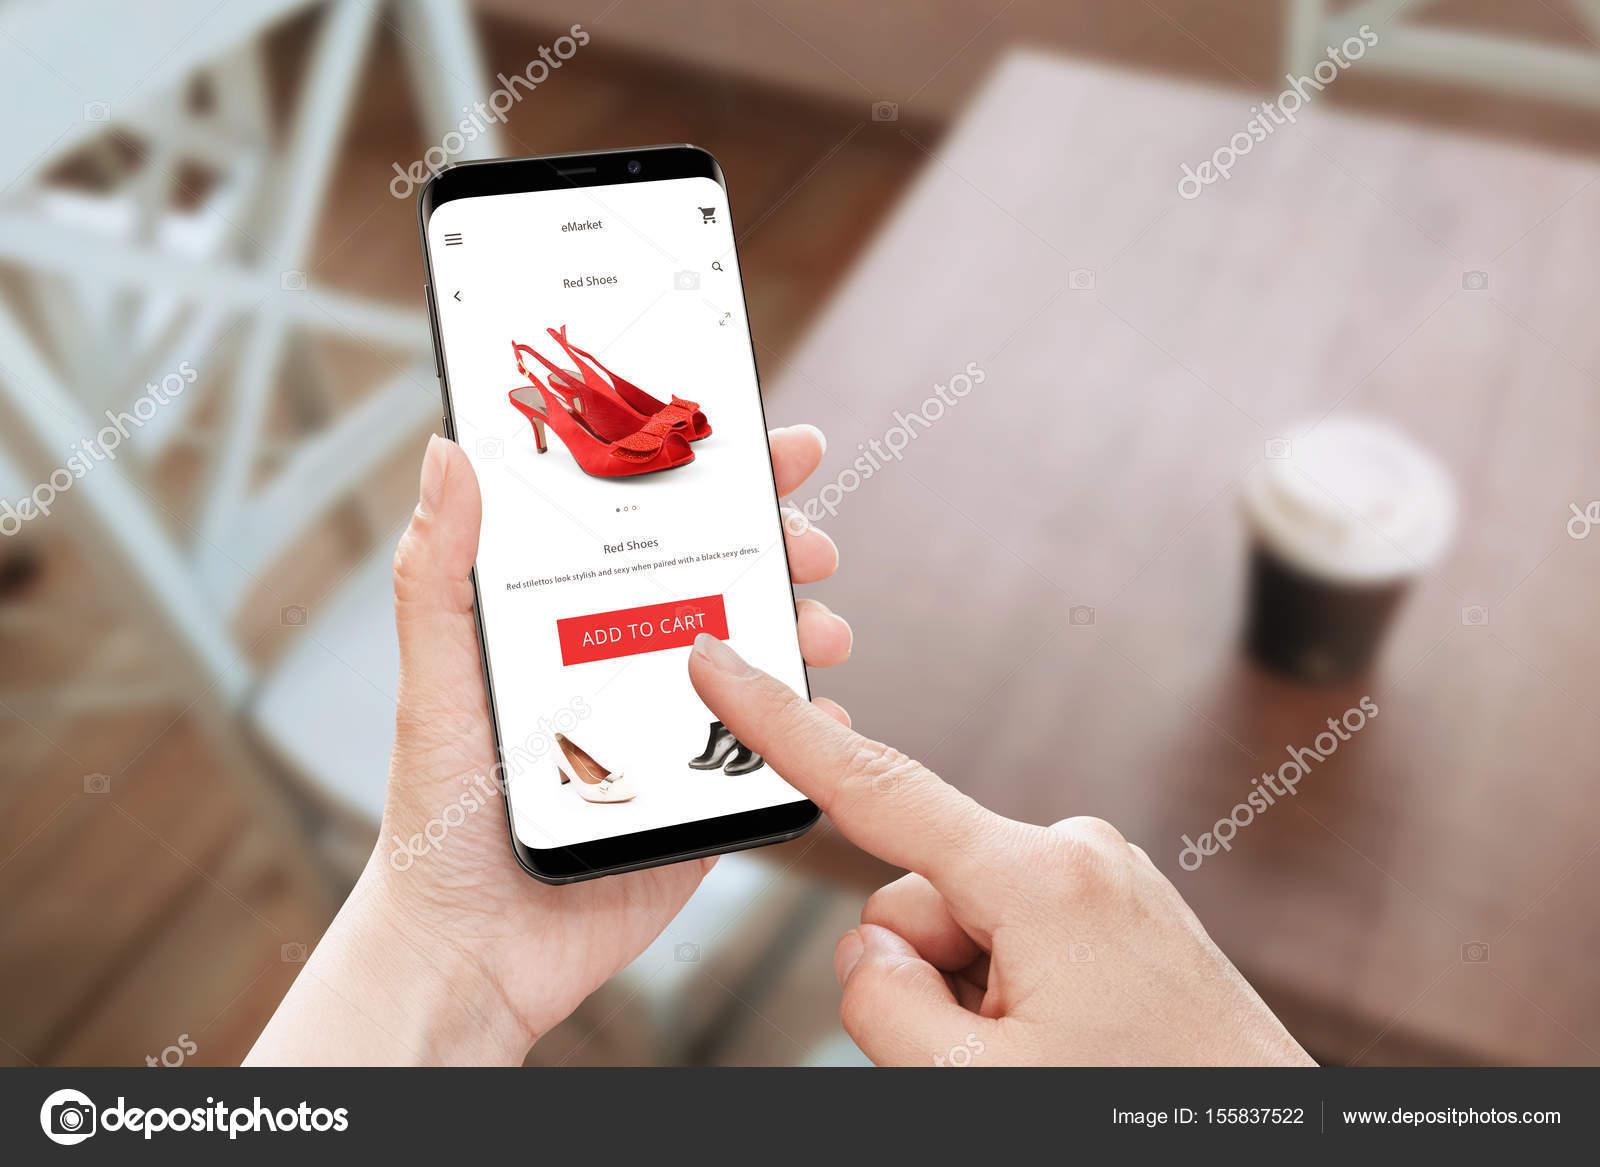 70d2b6446 Loja on-line app uso moderno telefone celular com bordas redondas. Toque de  mulher adicionar botão de carrinho para sapatos vermelhos — Fotografia por  ...